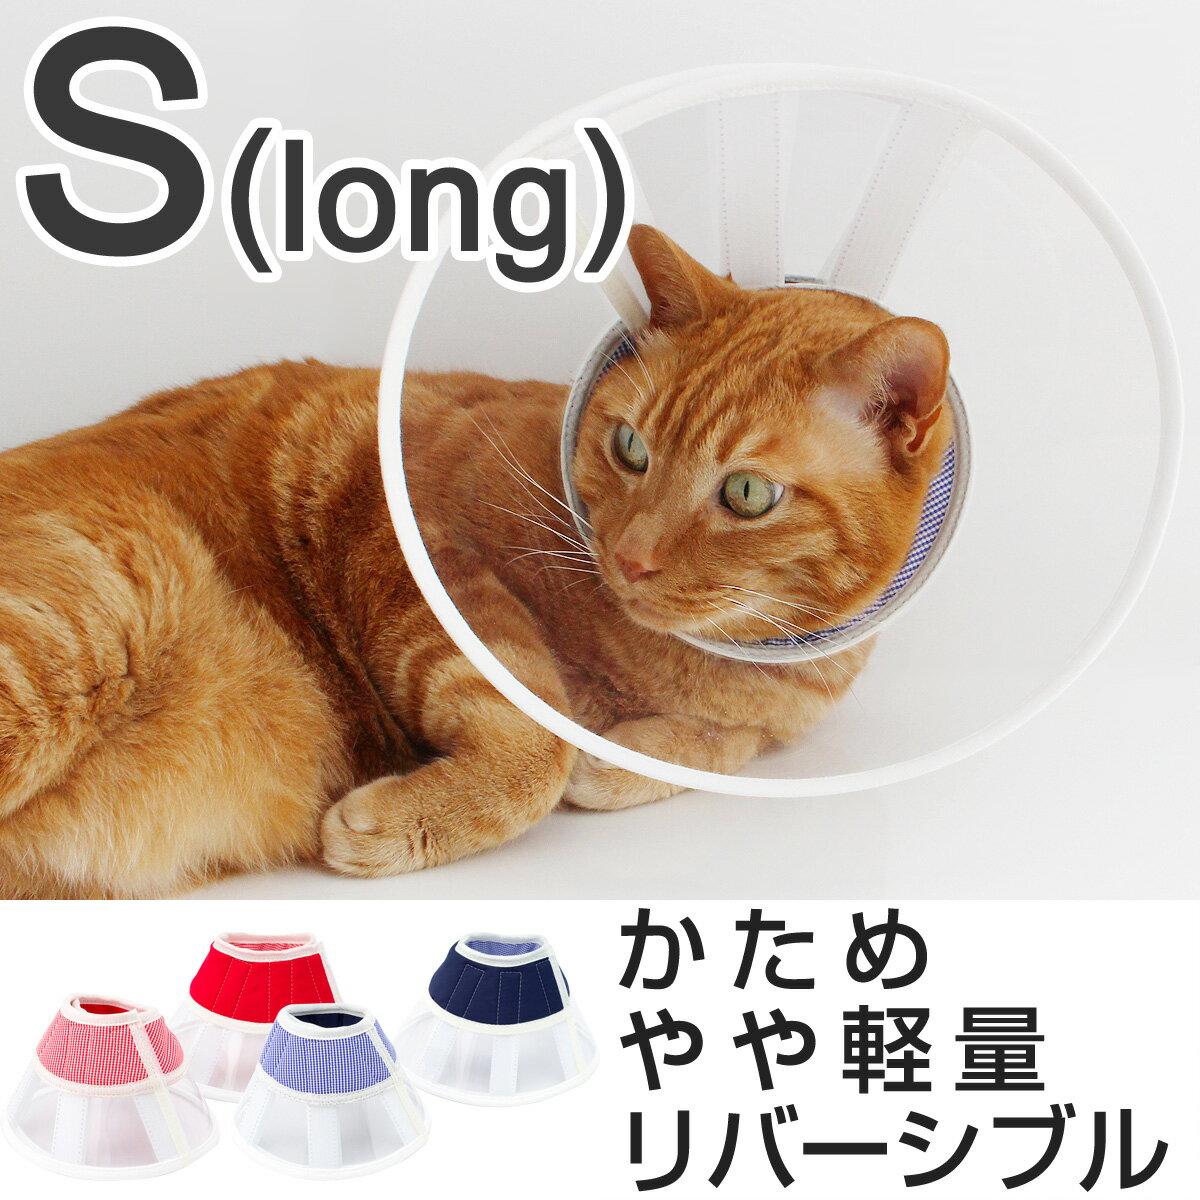 エリザベスカラー クリア ハード フェザーカラー 猫 介護用品 Sロング